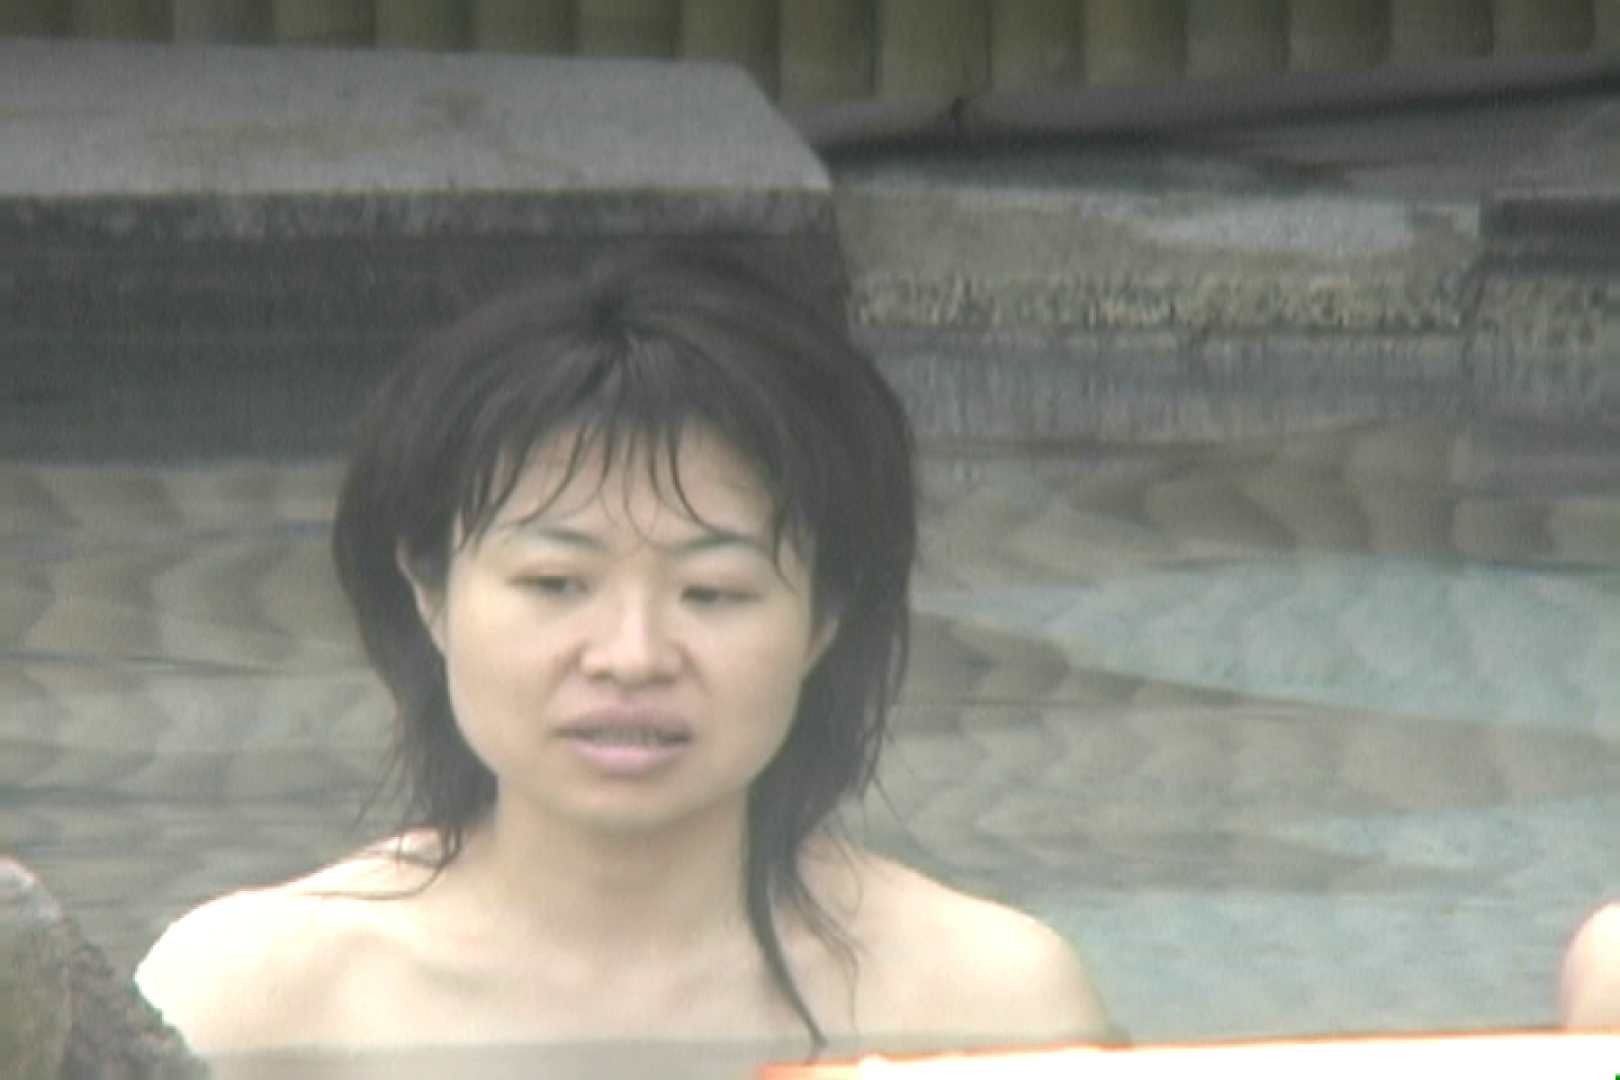 高画質露天女風呂観察 vol.012 HなOL SEX無修正画像 91pic 42